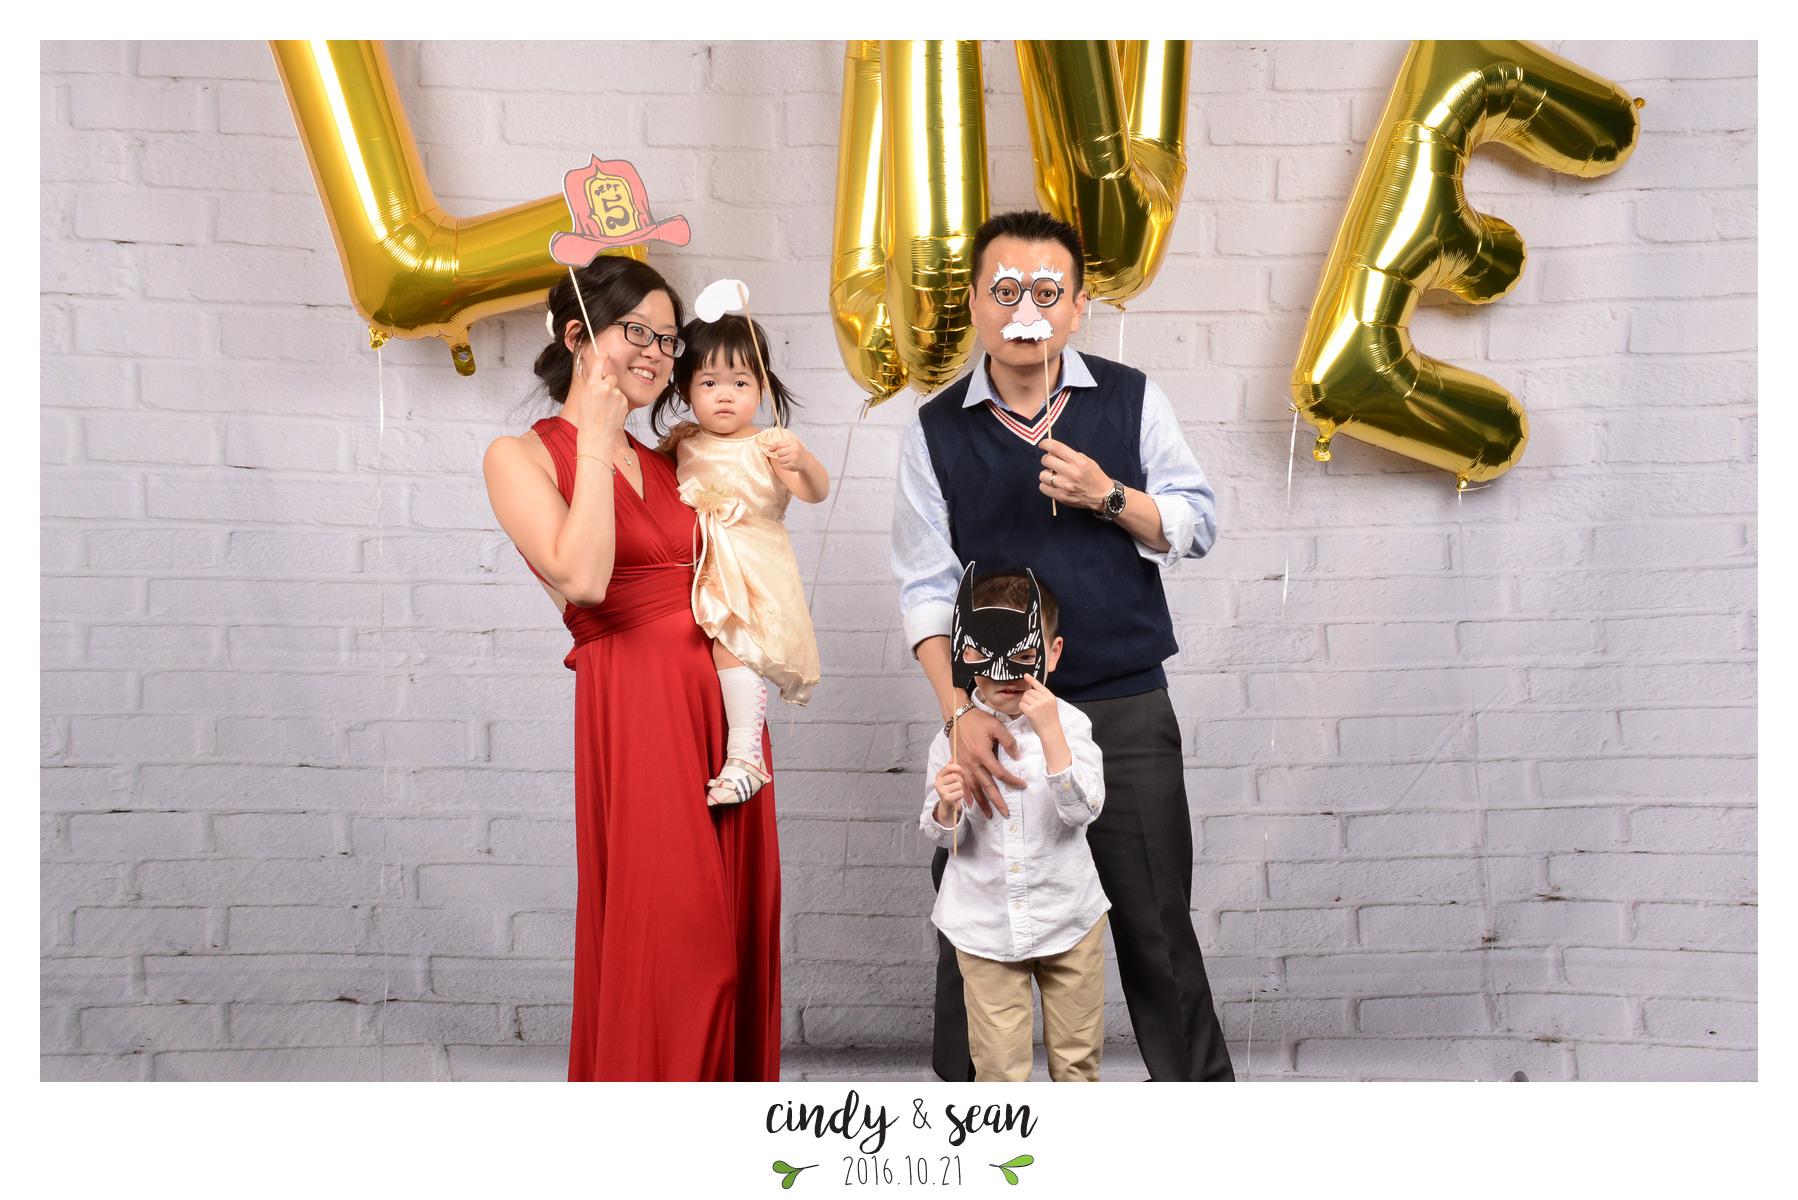 Cindy Sean Bae - 0001-171.jpg